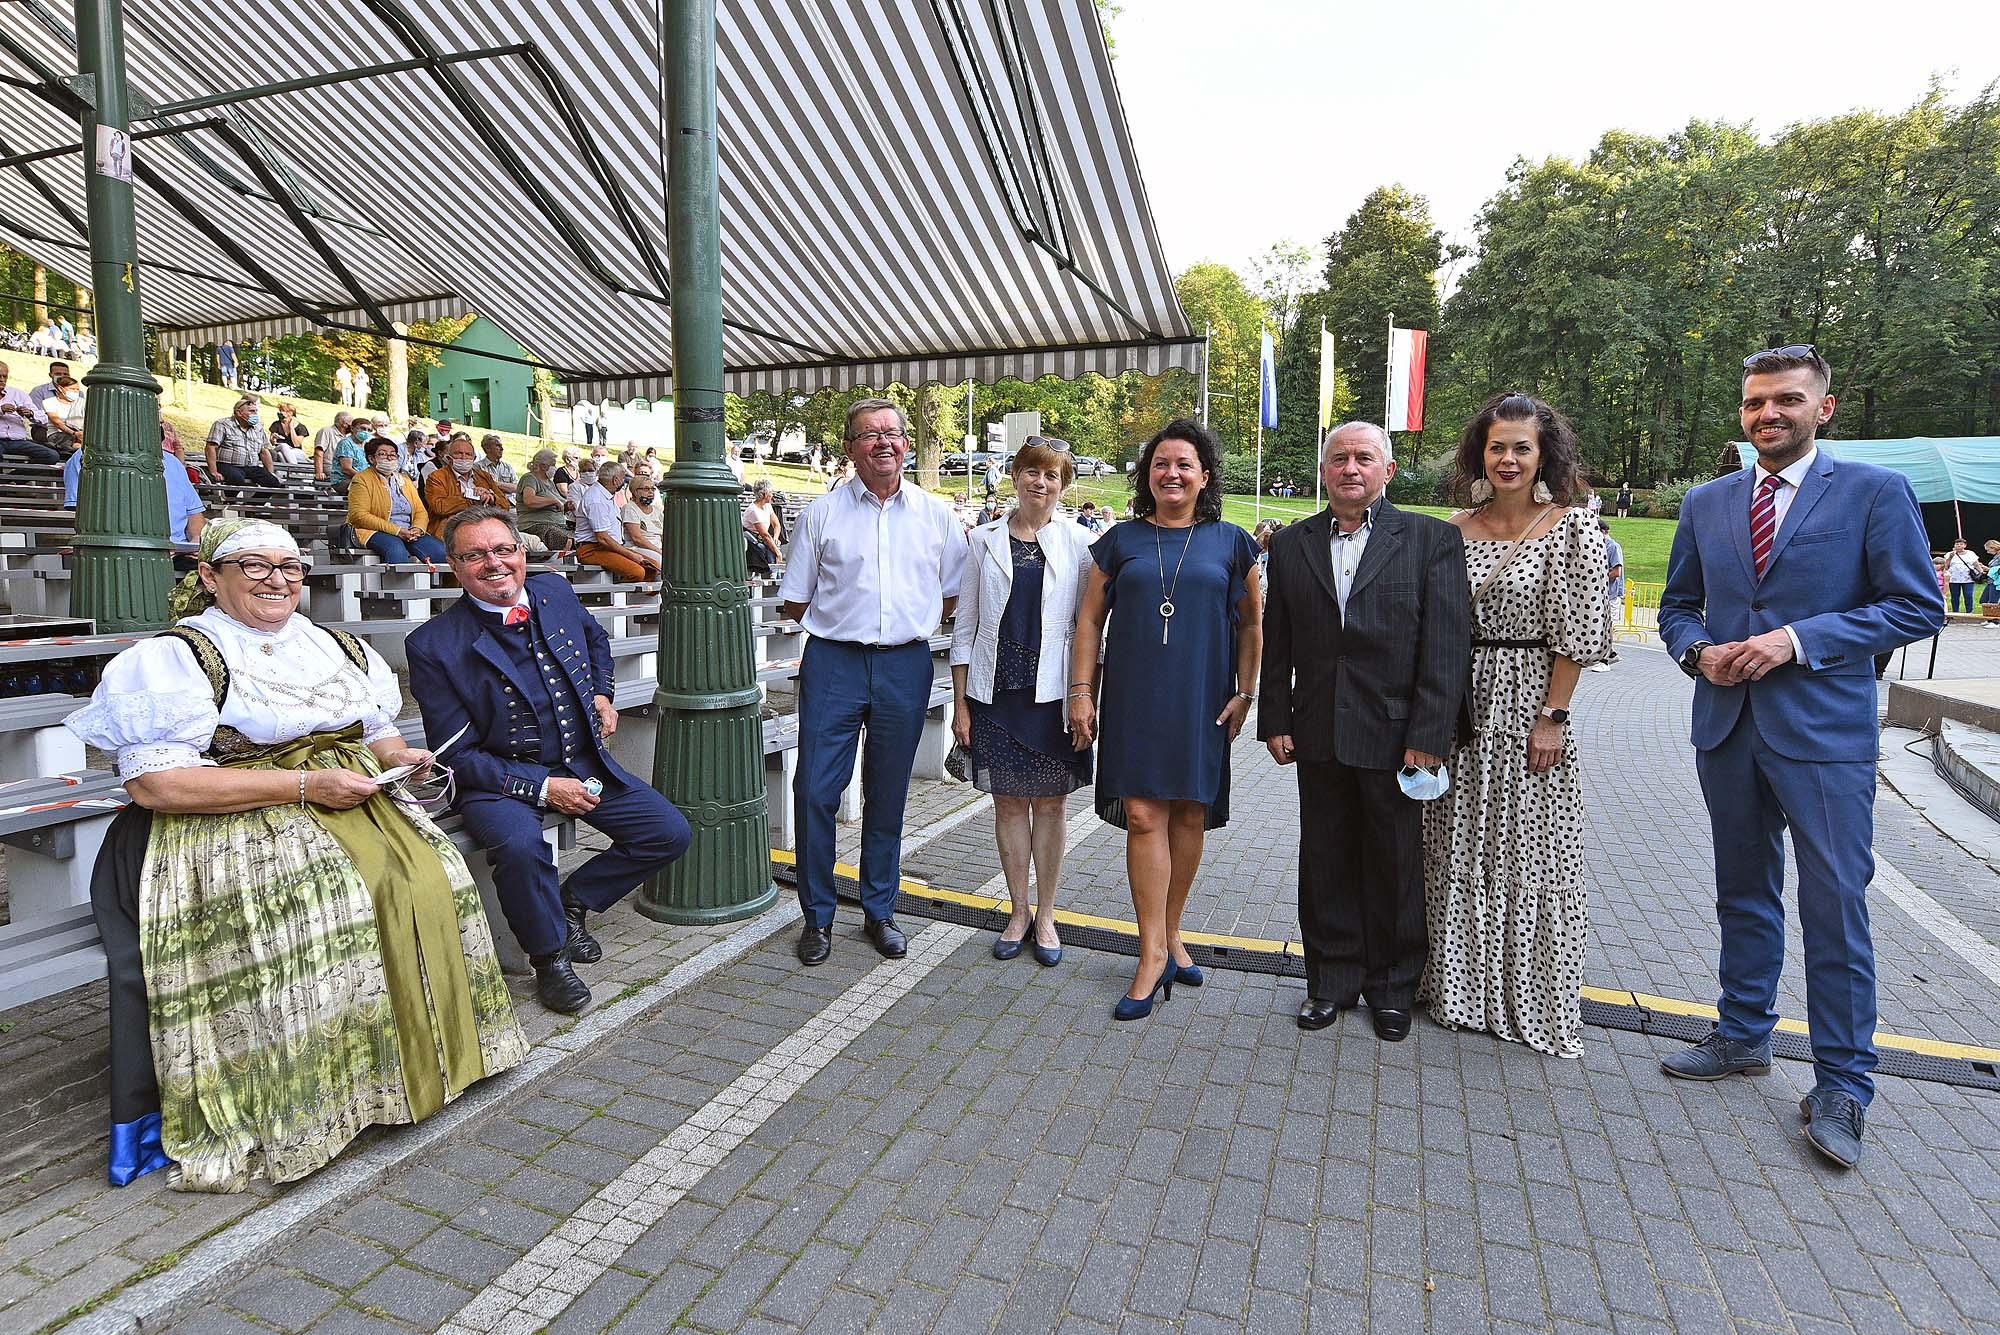 od lewej siedzą starostowie Jaworzańskiego Września, dalej Piotr Ryszka z małżonką, Jolanta Witkowska, dyrektor OPGJ, Zbigniew Putek i Agnieszka Nieborak oraz Wójt Radosław Ostałkiewicz